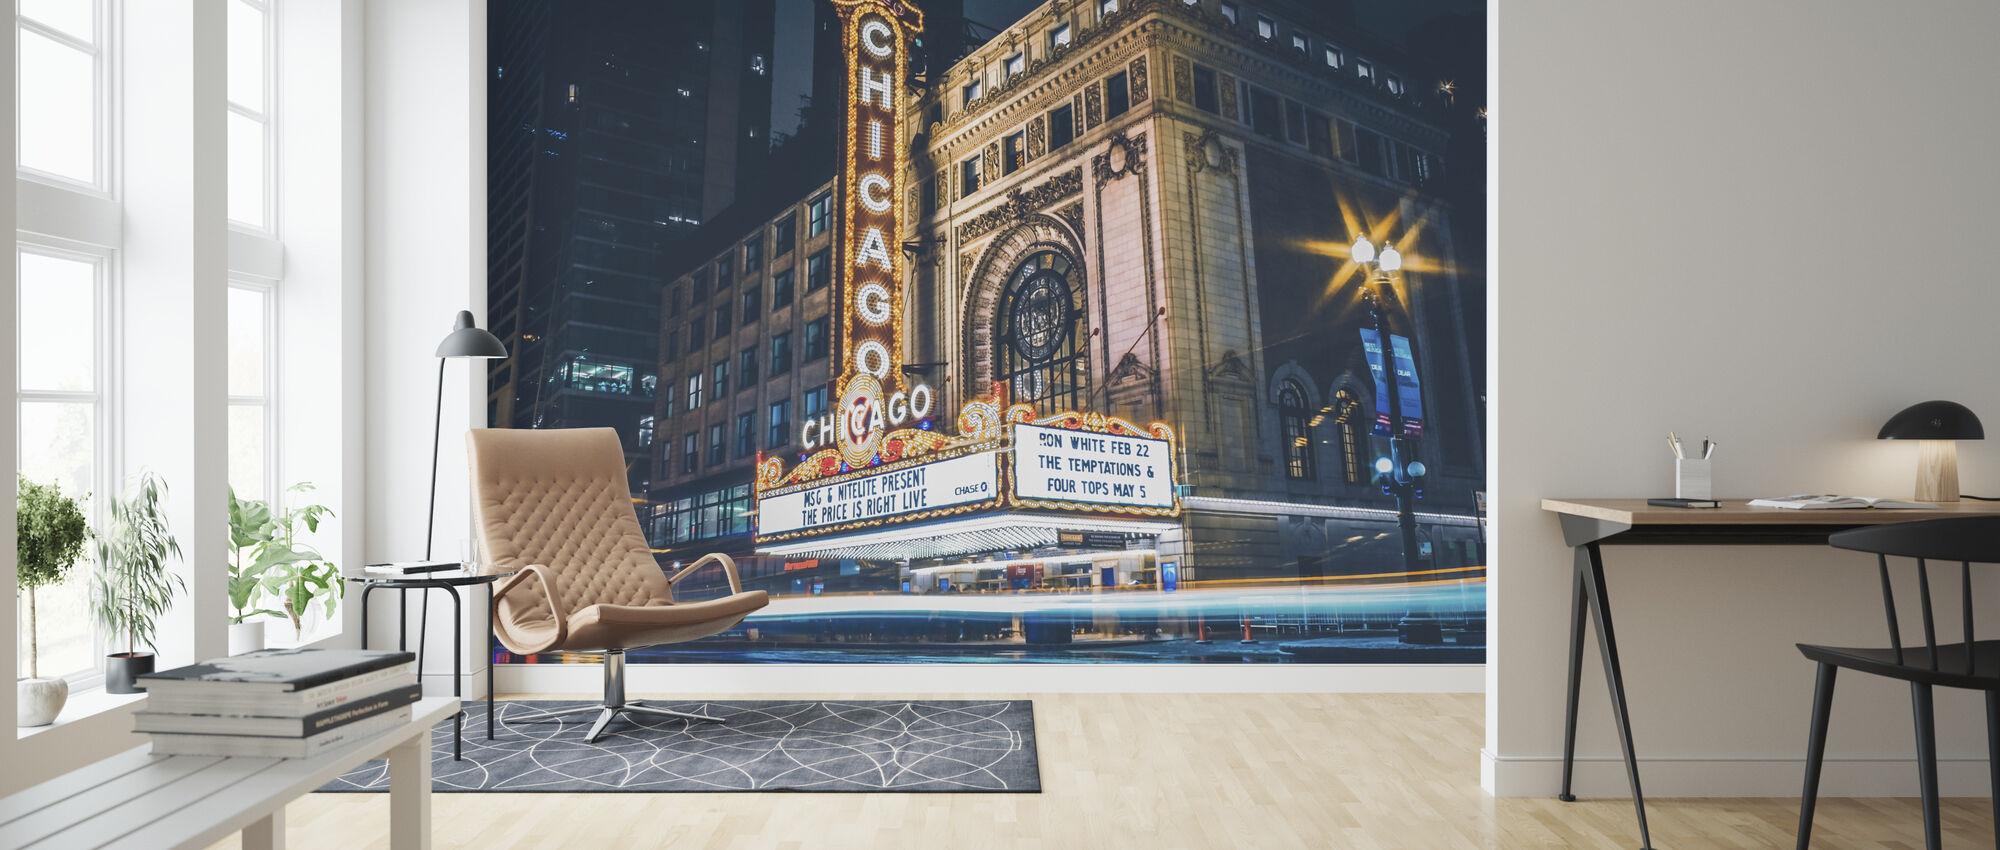 Chicago teater - Tapet - Stue